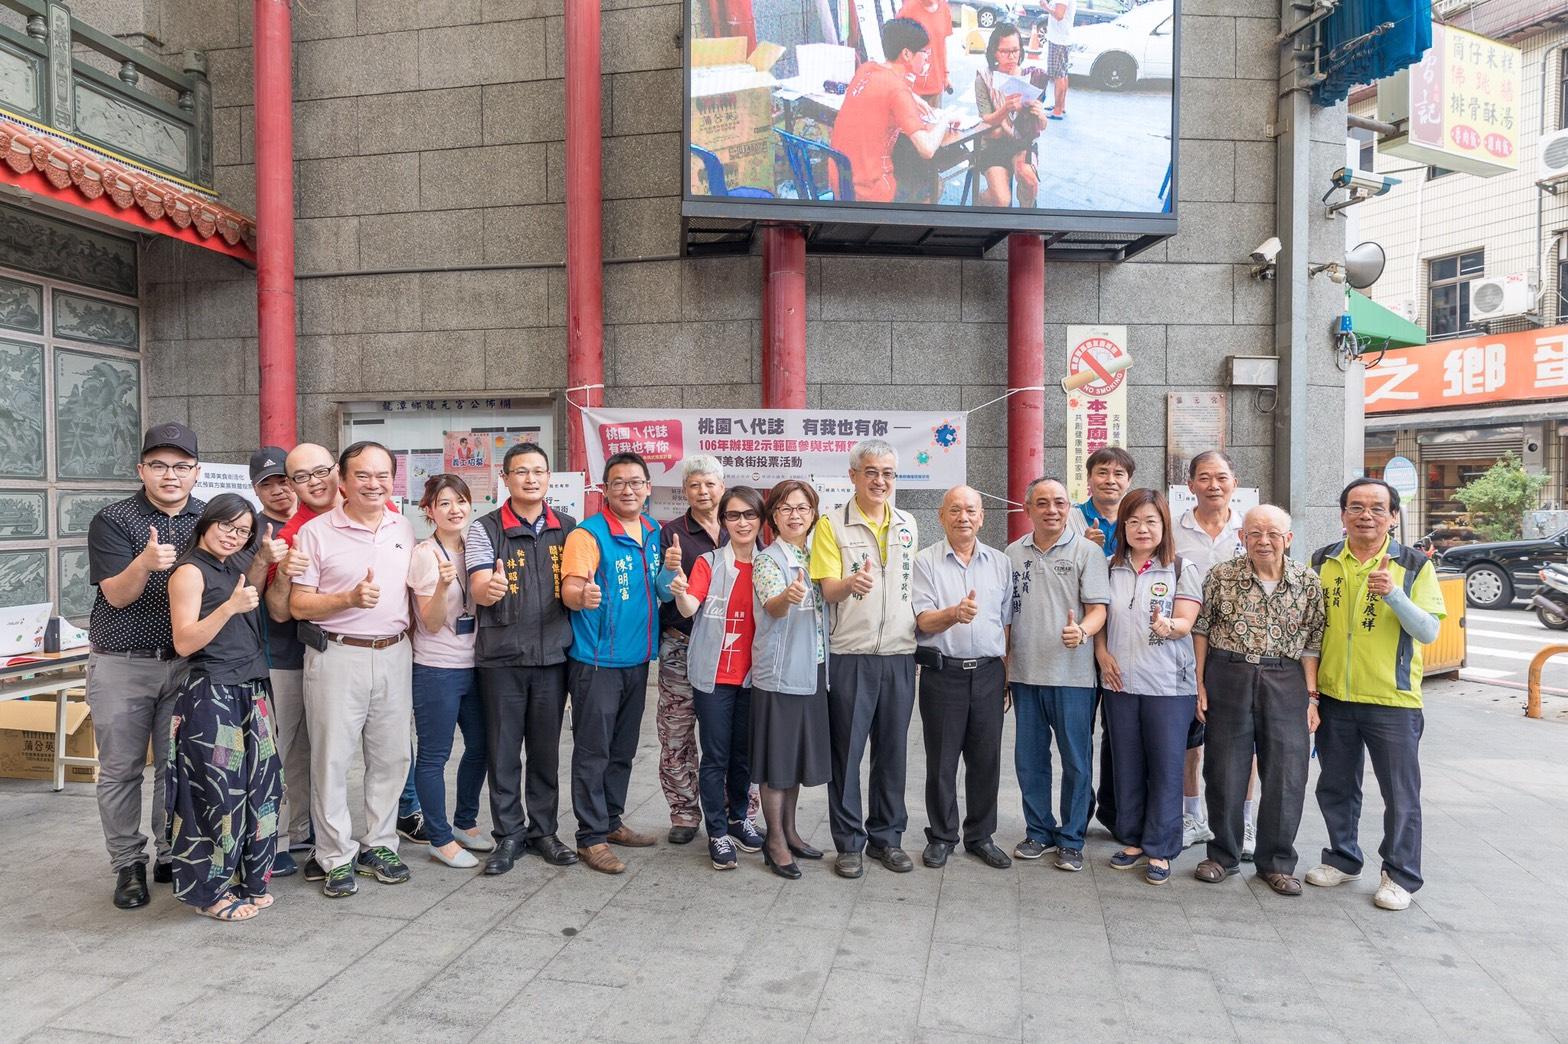 8月19日,宣傳投票活動大合照。